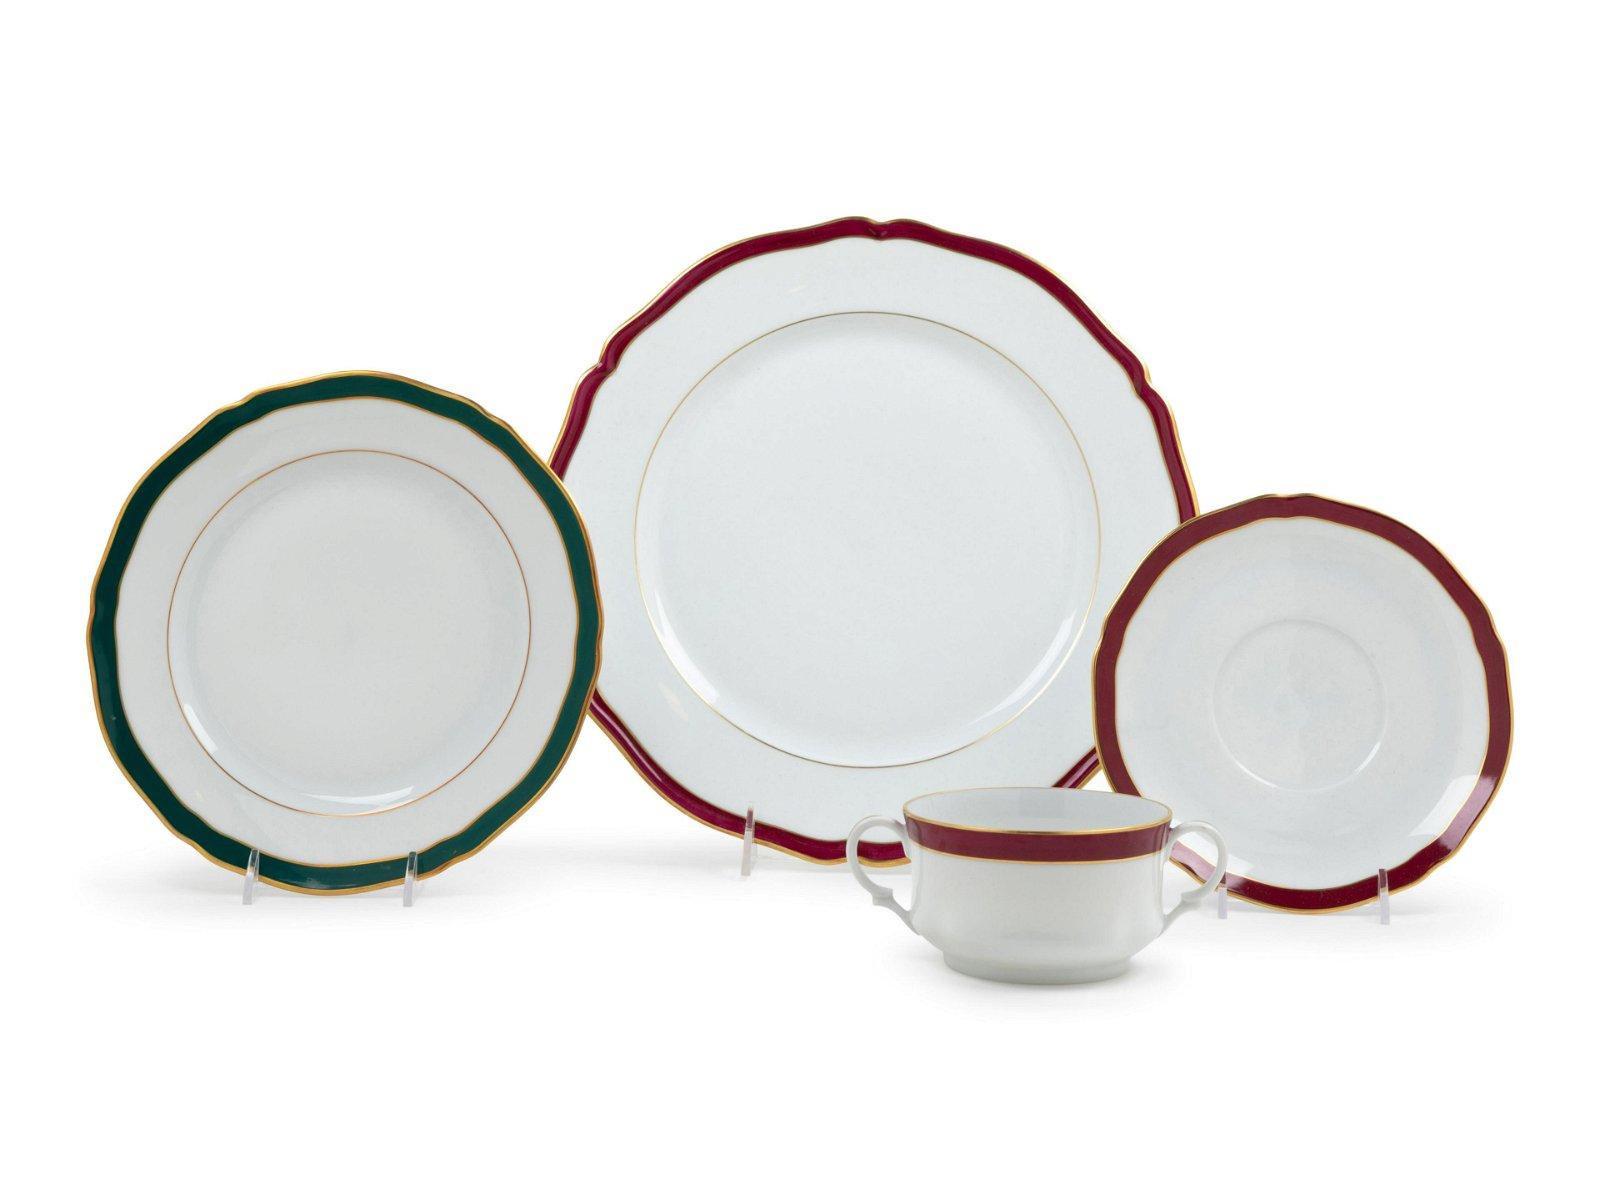 A Limoges Porcelain Dinner Service